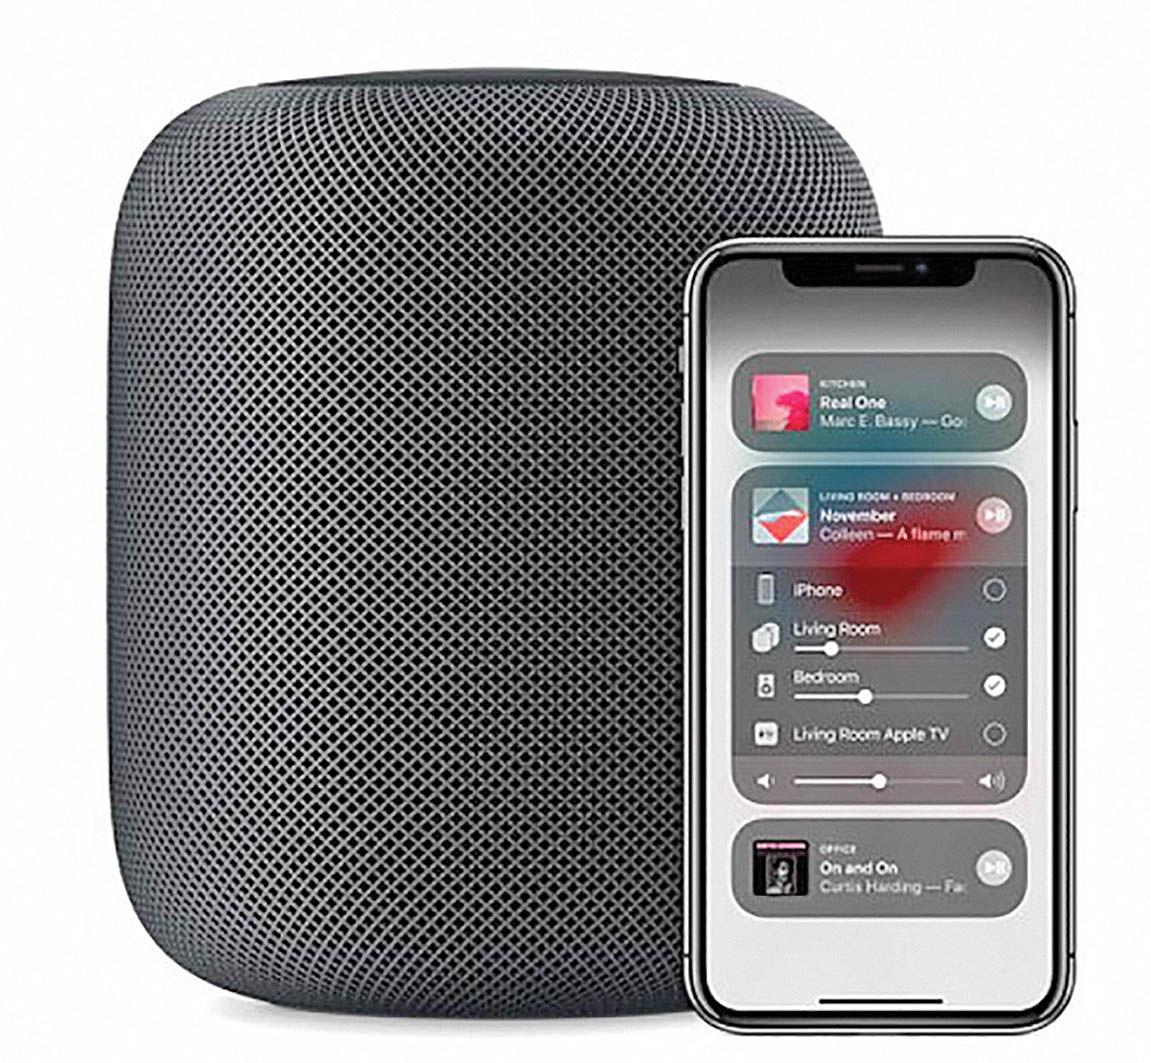 امکان برقراری تماس با کمک بلندگوی اپل فراهم میشود